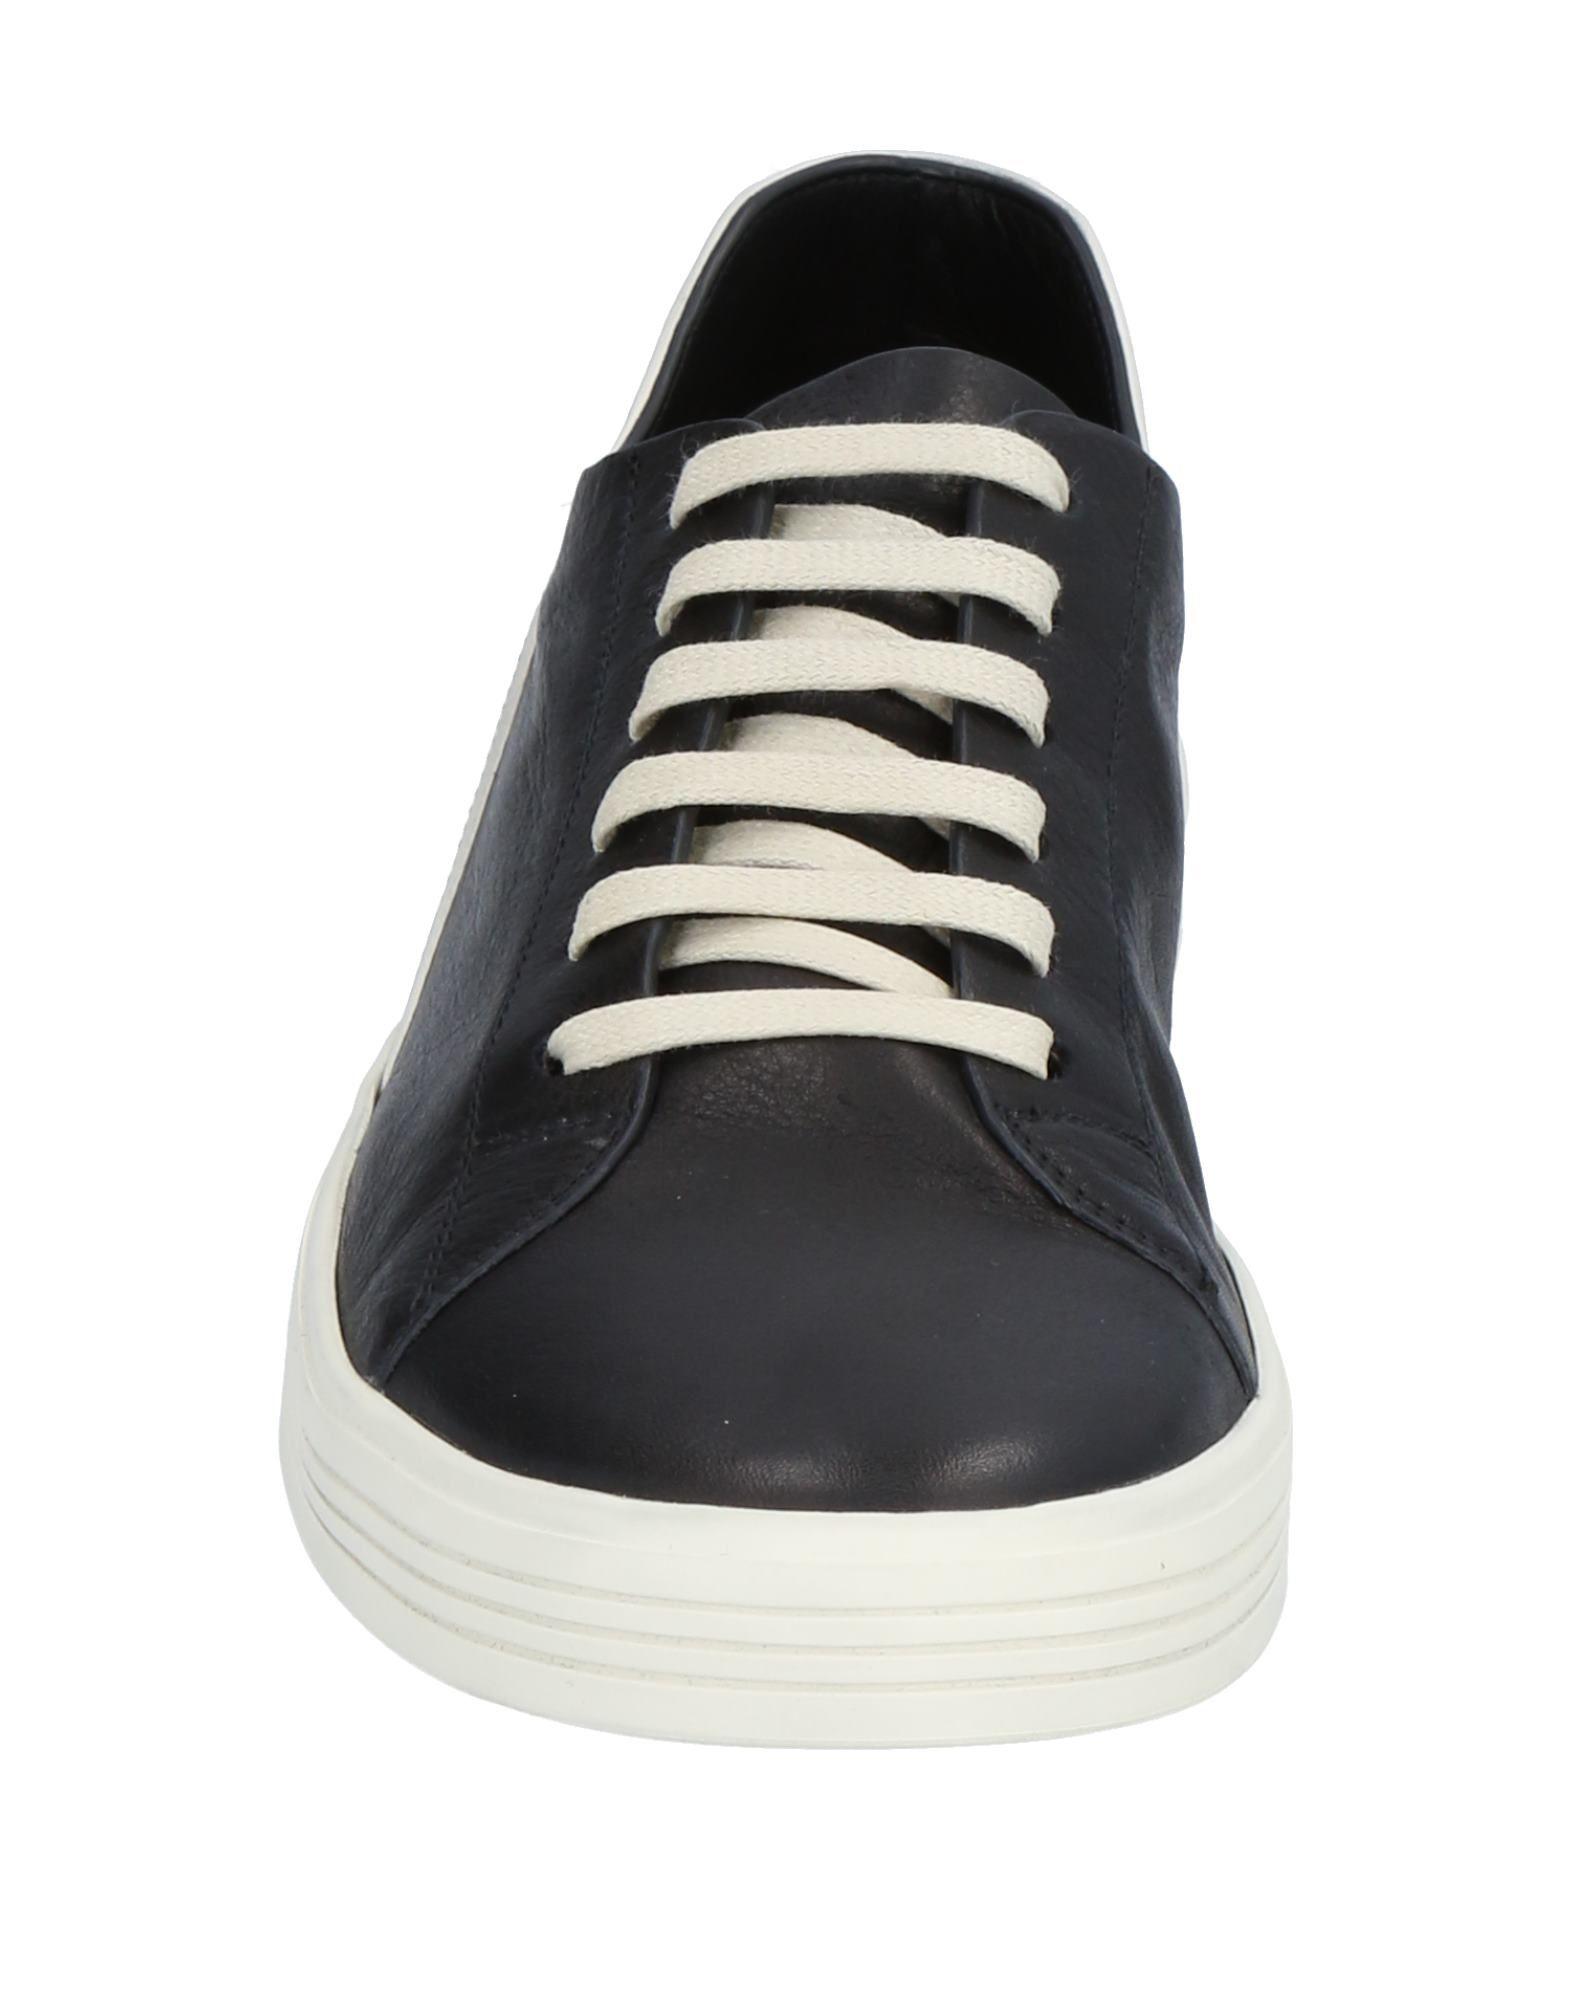 Rick Owens Sneakers Herren beliebte  11544199BX Gute Qualität beliebte Herren Schuhe de4485